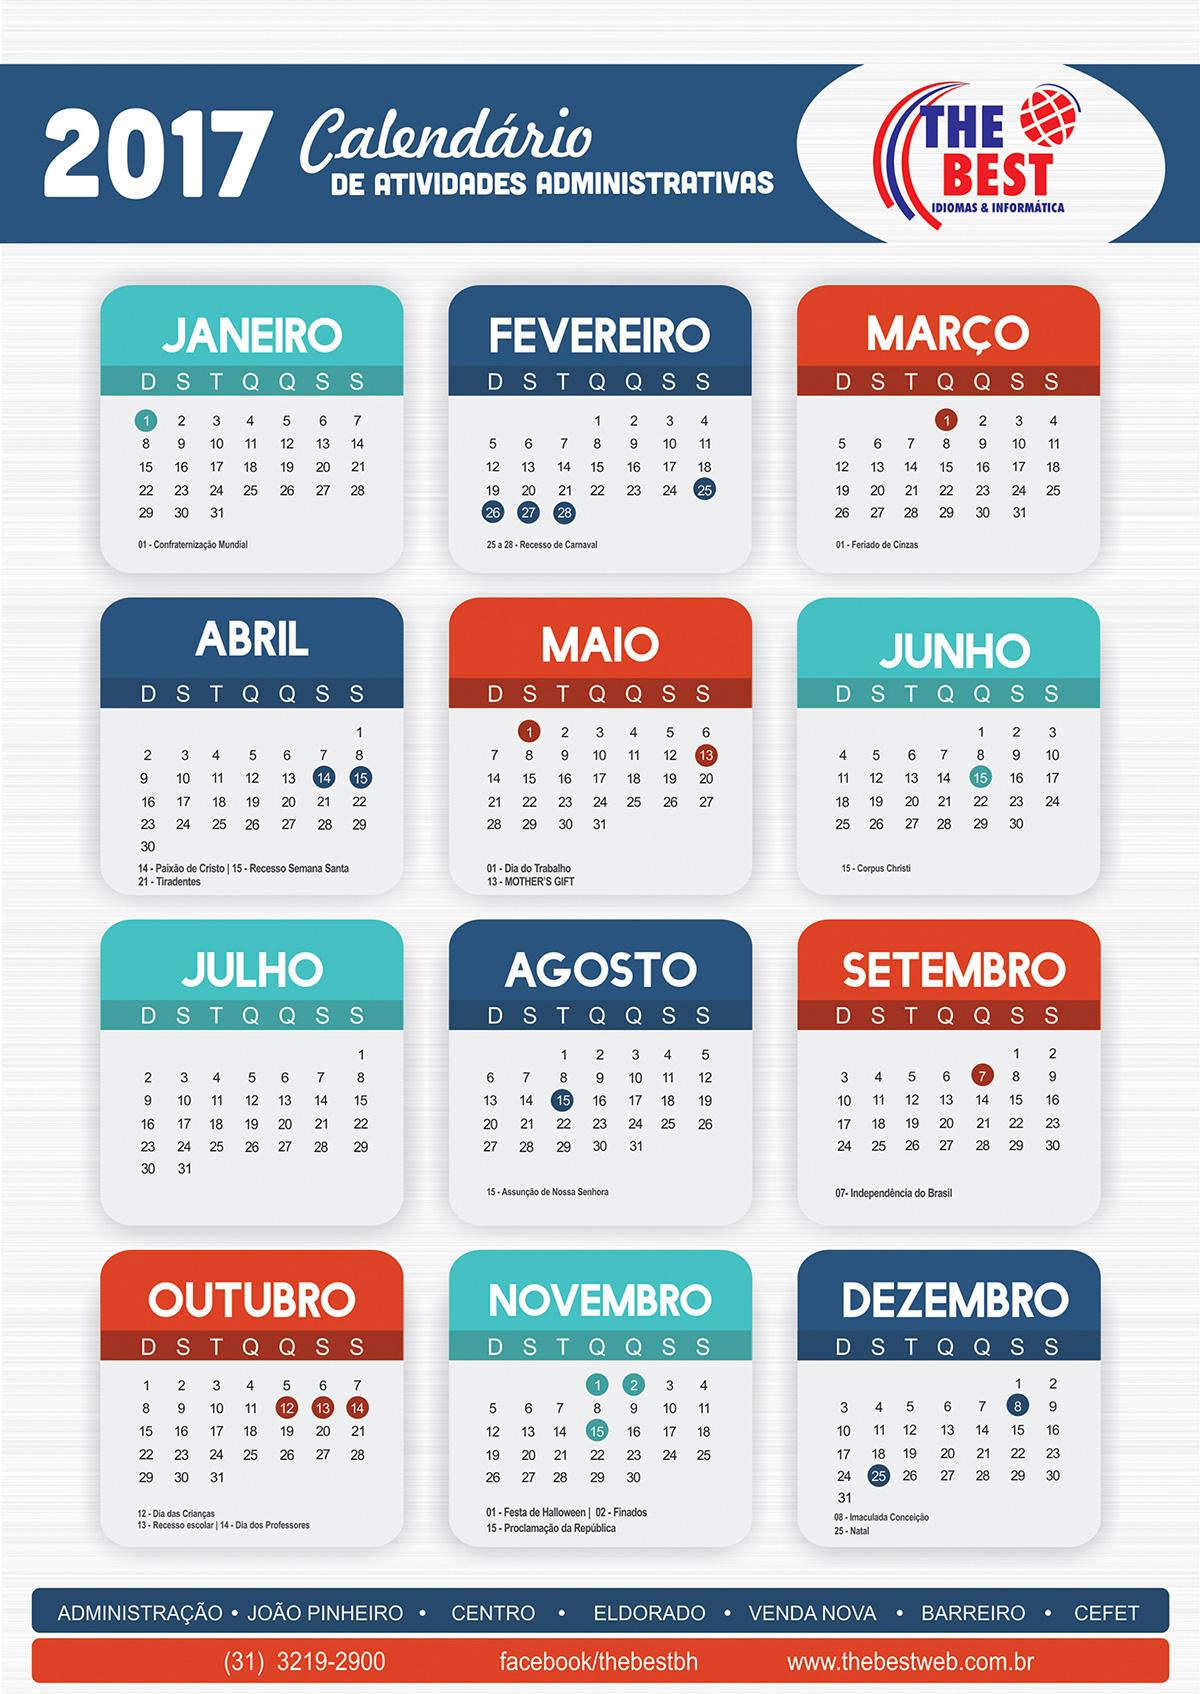 THE-BEST-Calendário-2017-atividades-administrativas_WEB_OK